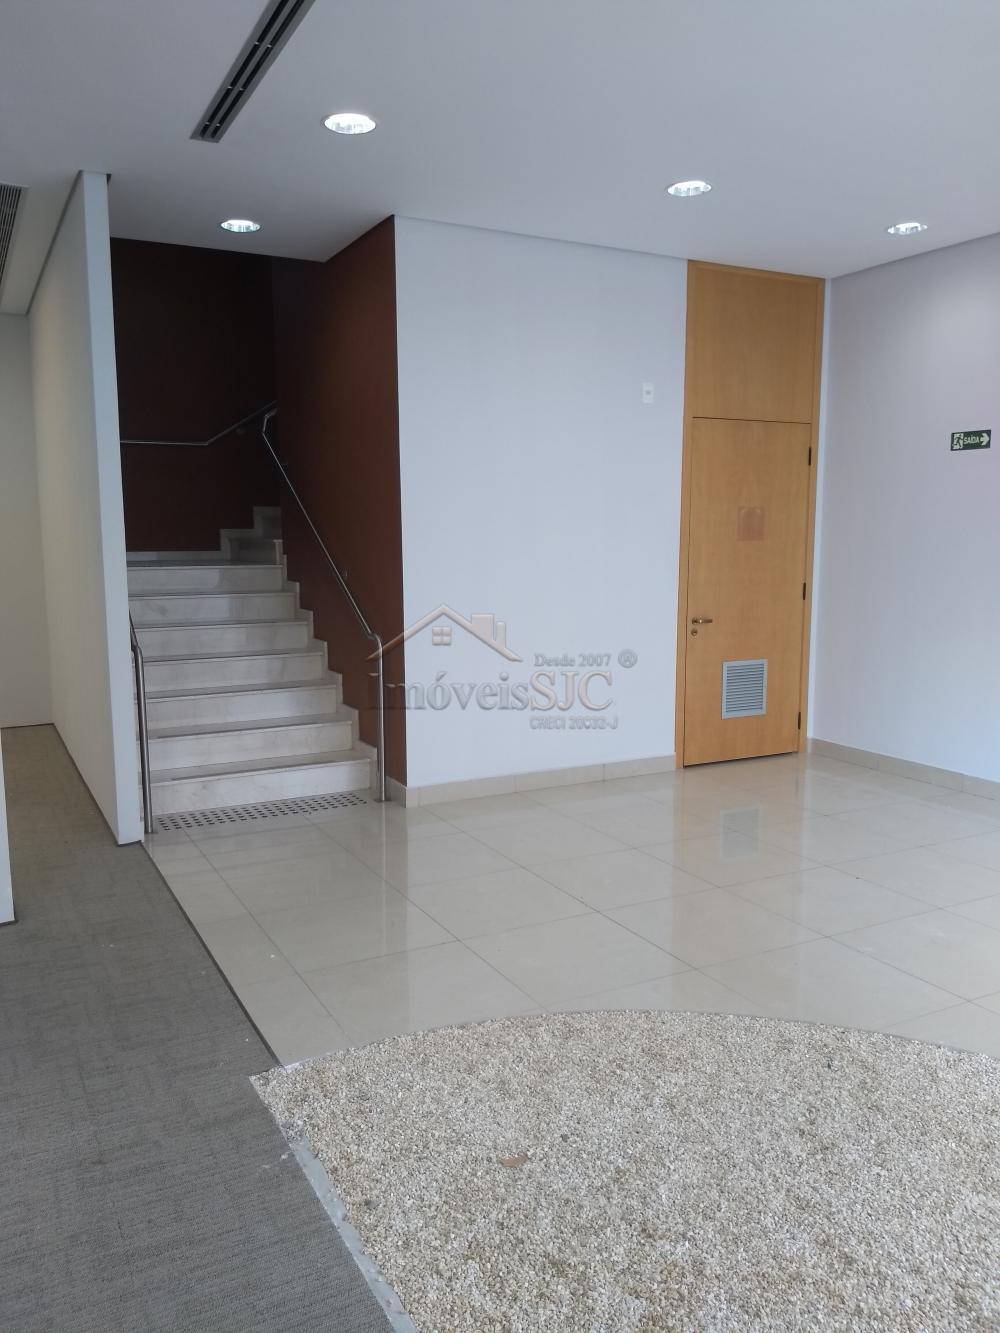 Alugar Comerciais / Prédio Comercial em São José dos Campos apenas R$ 30.000,00 - Foto 6